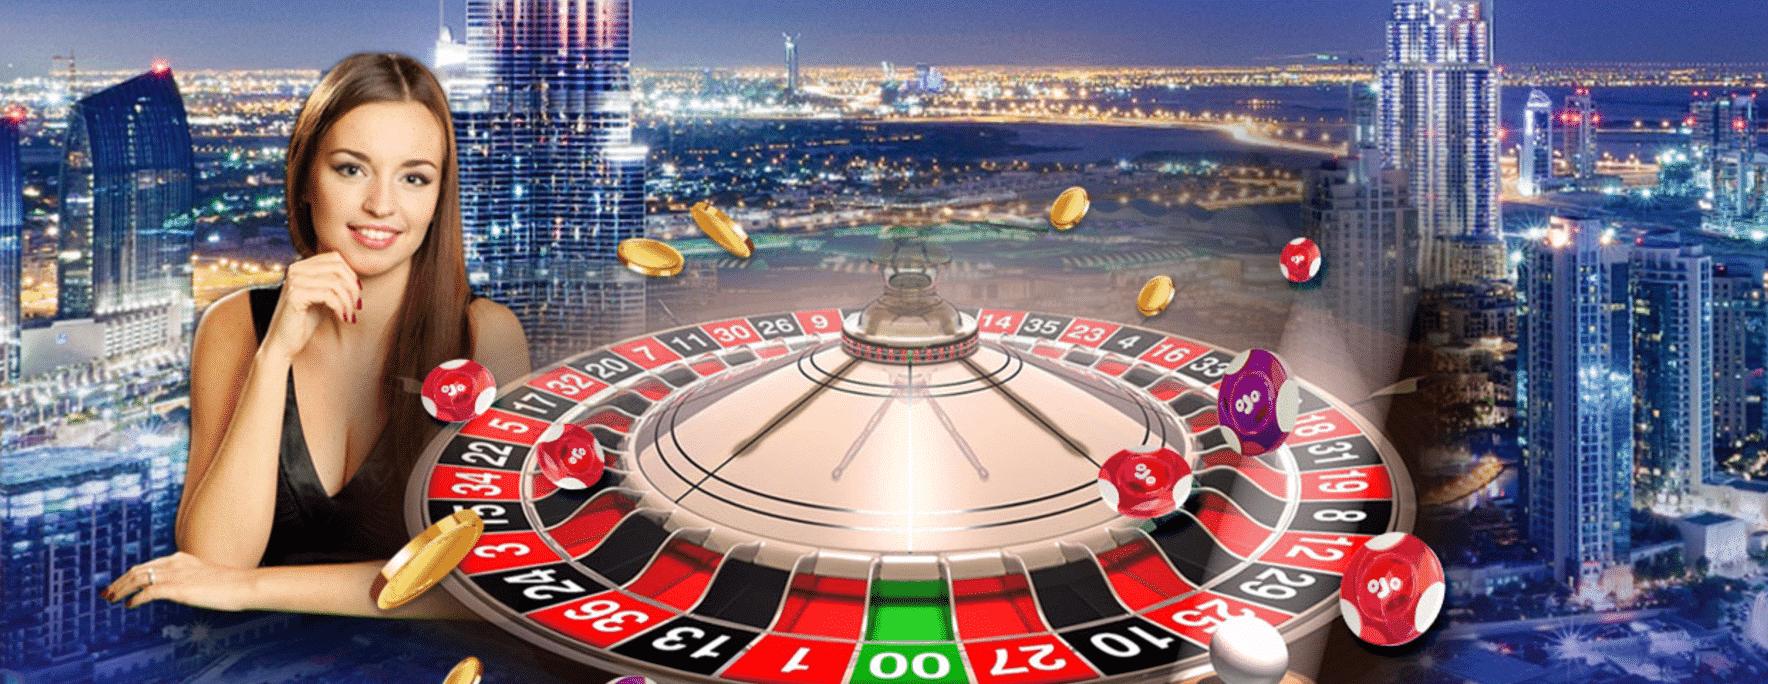 Spela live roulette och vinn en resa till soliga Dubai